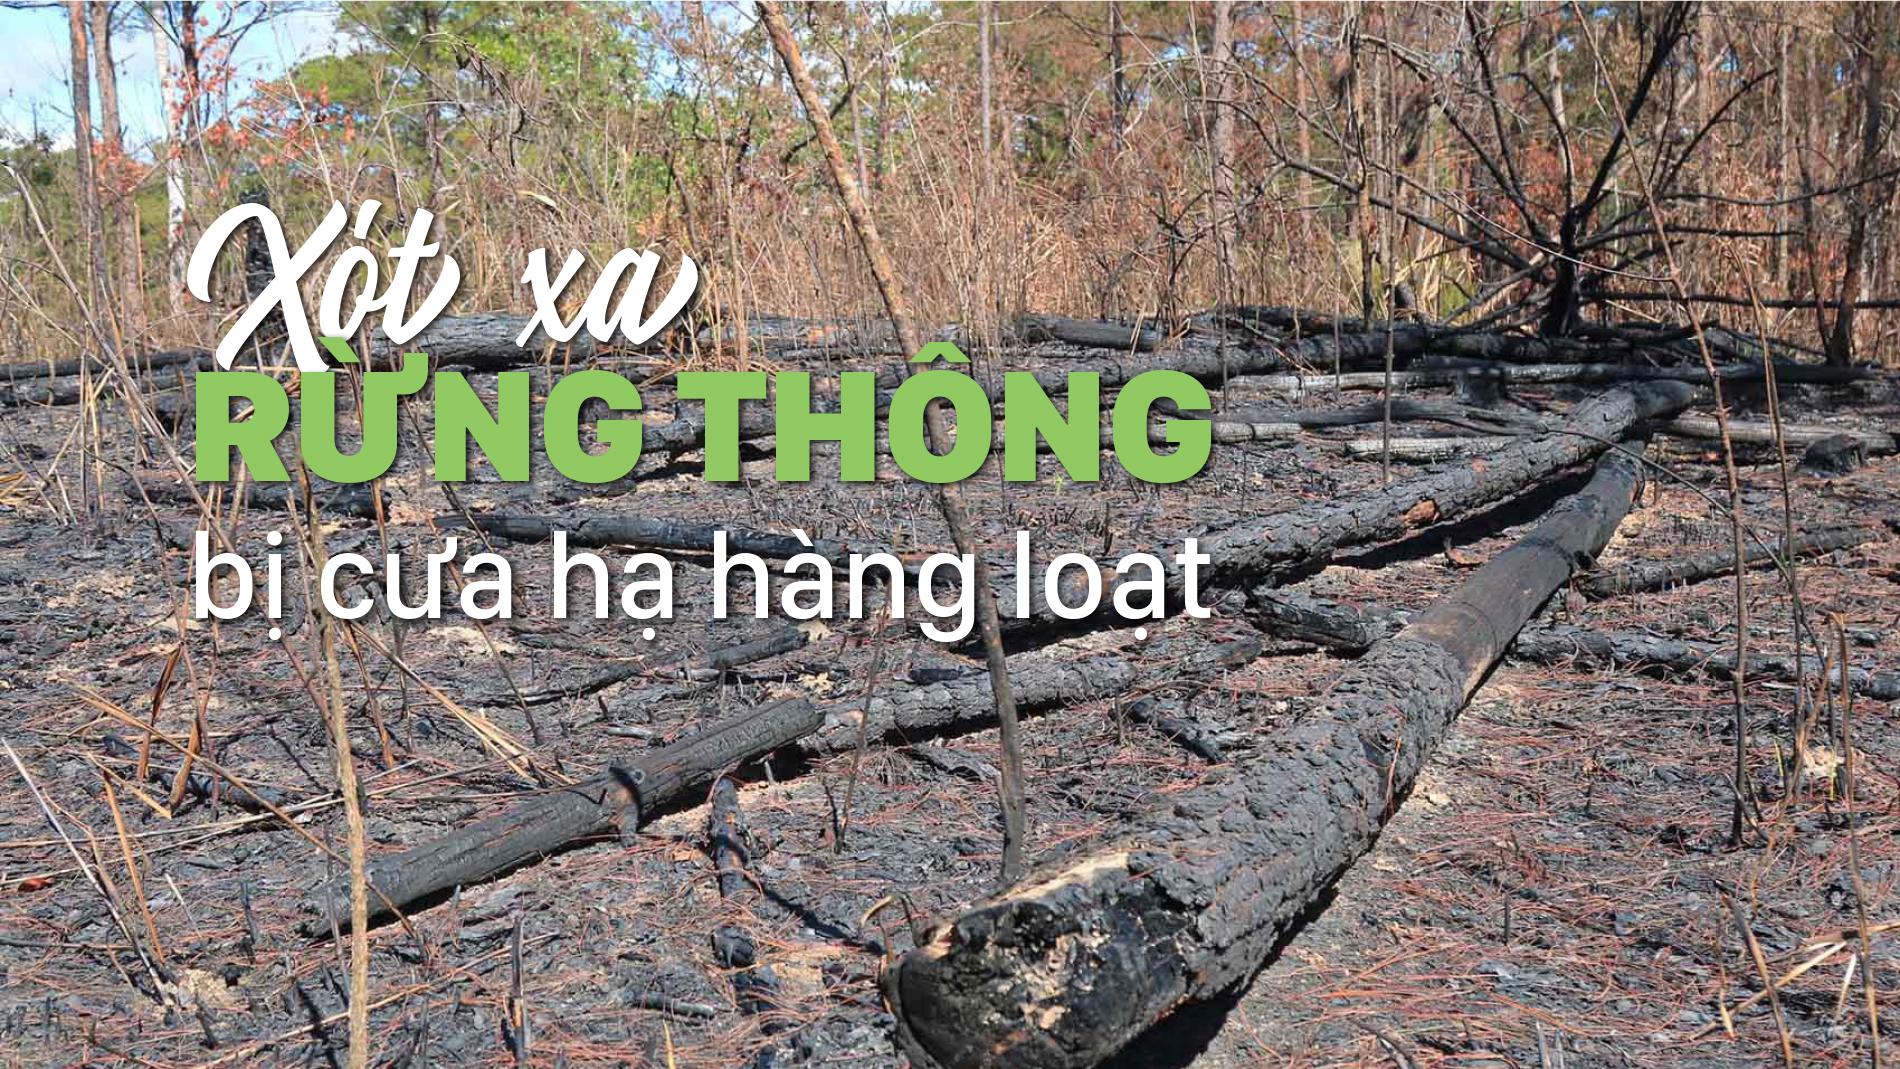 Xót xa rừng thông bị cưa hạ hàng loạt